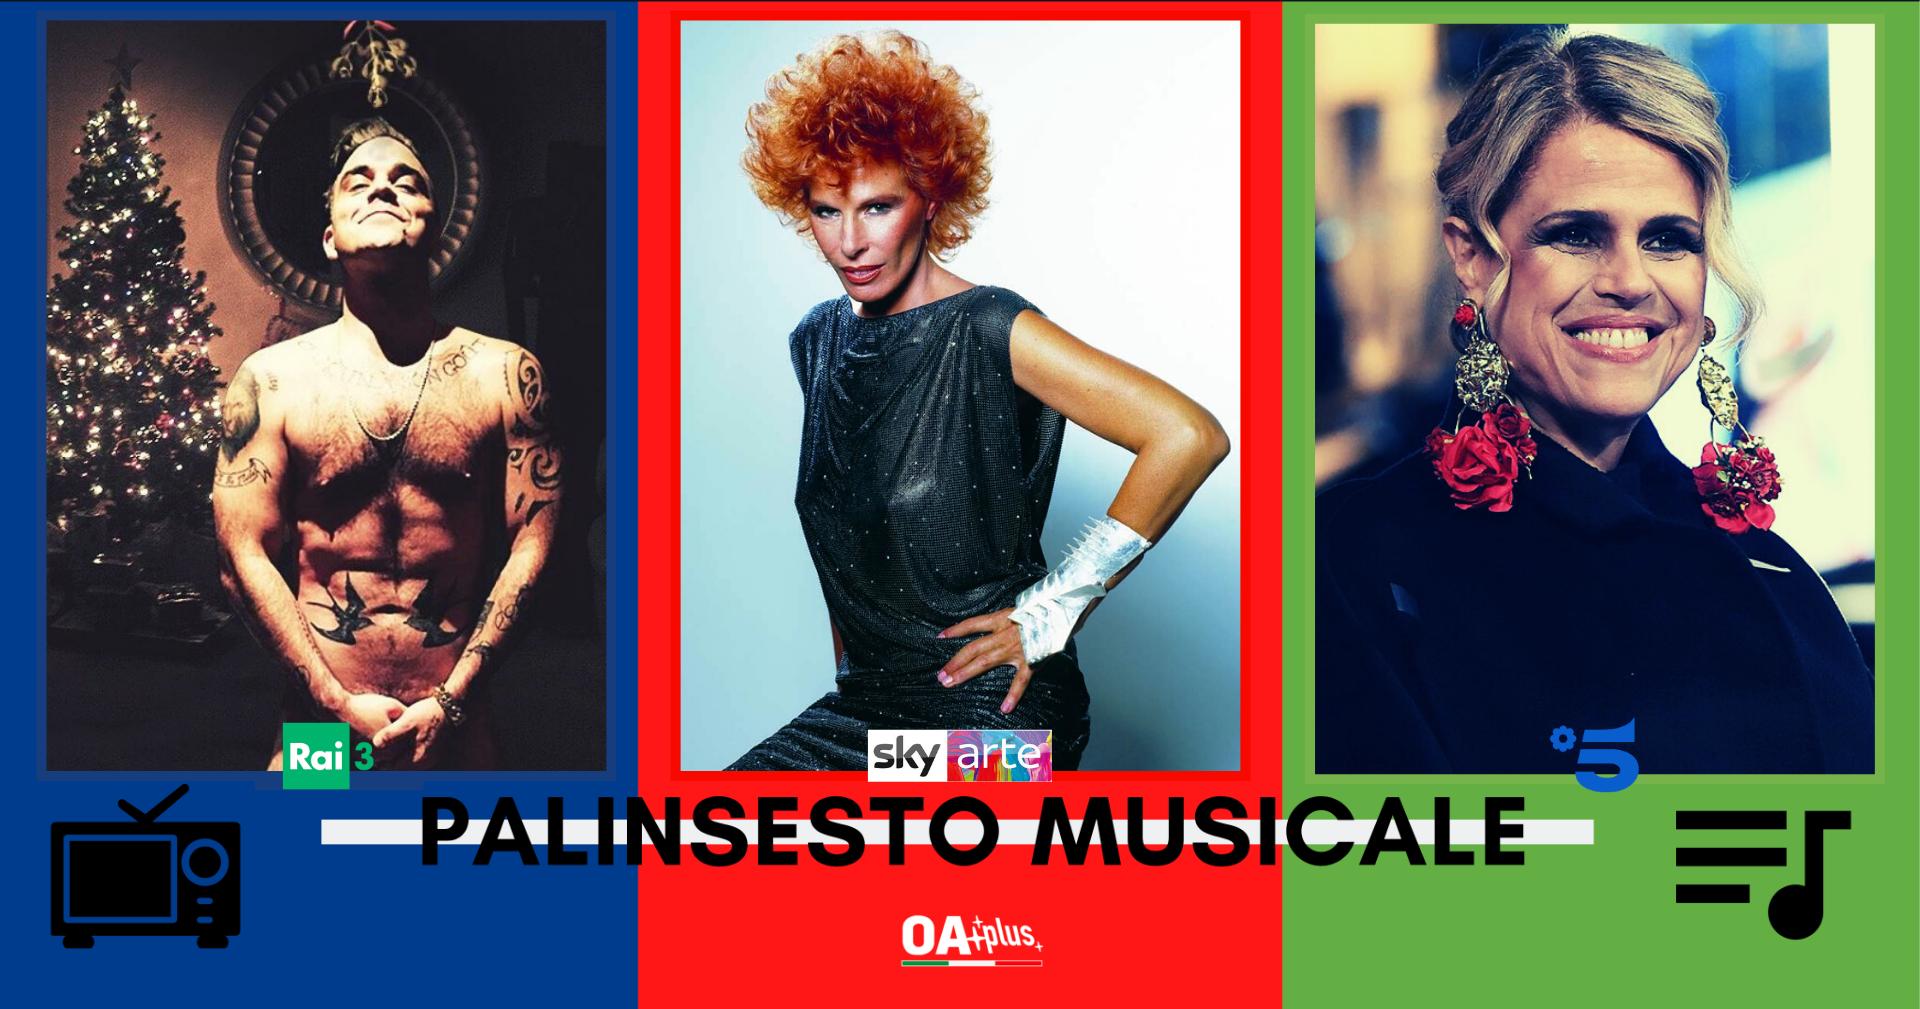 Rubrica, PALINSESTO MUSICALE: Robbie Williams, Ornella Vanoni, Tosca